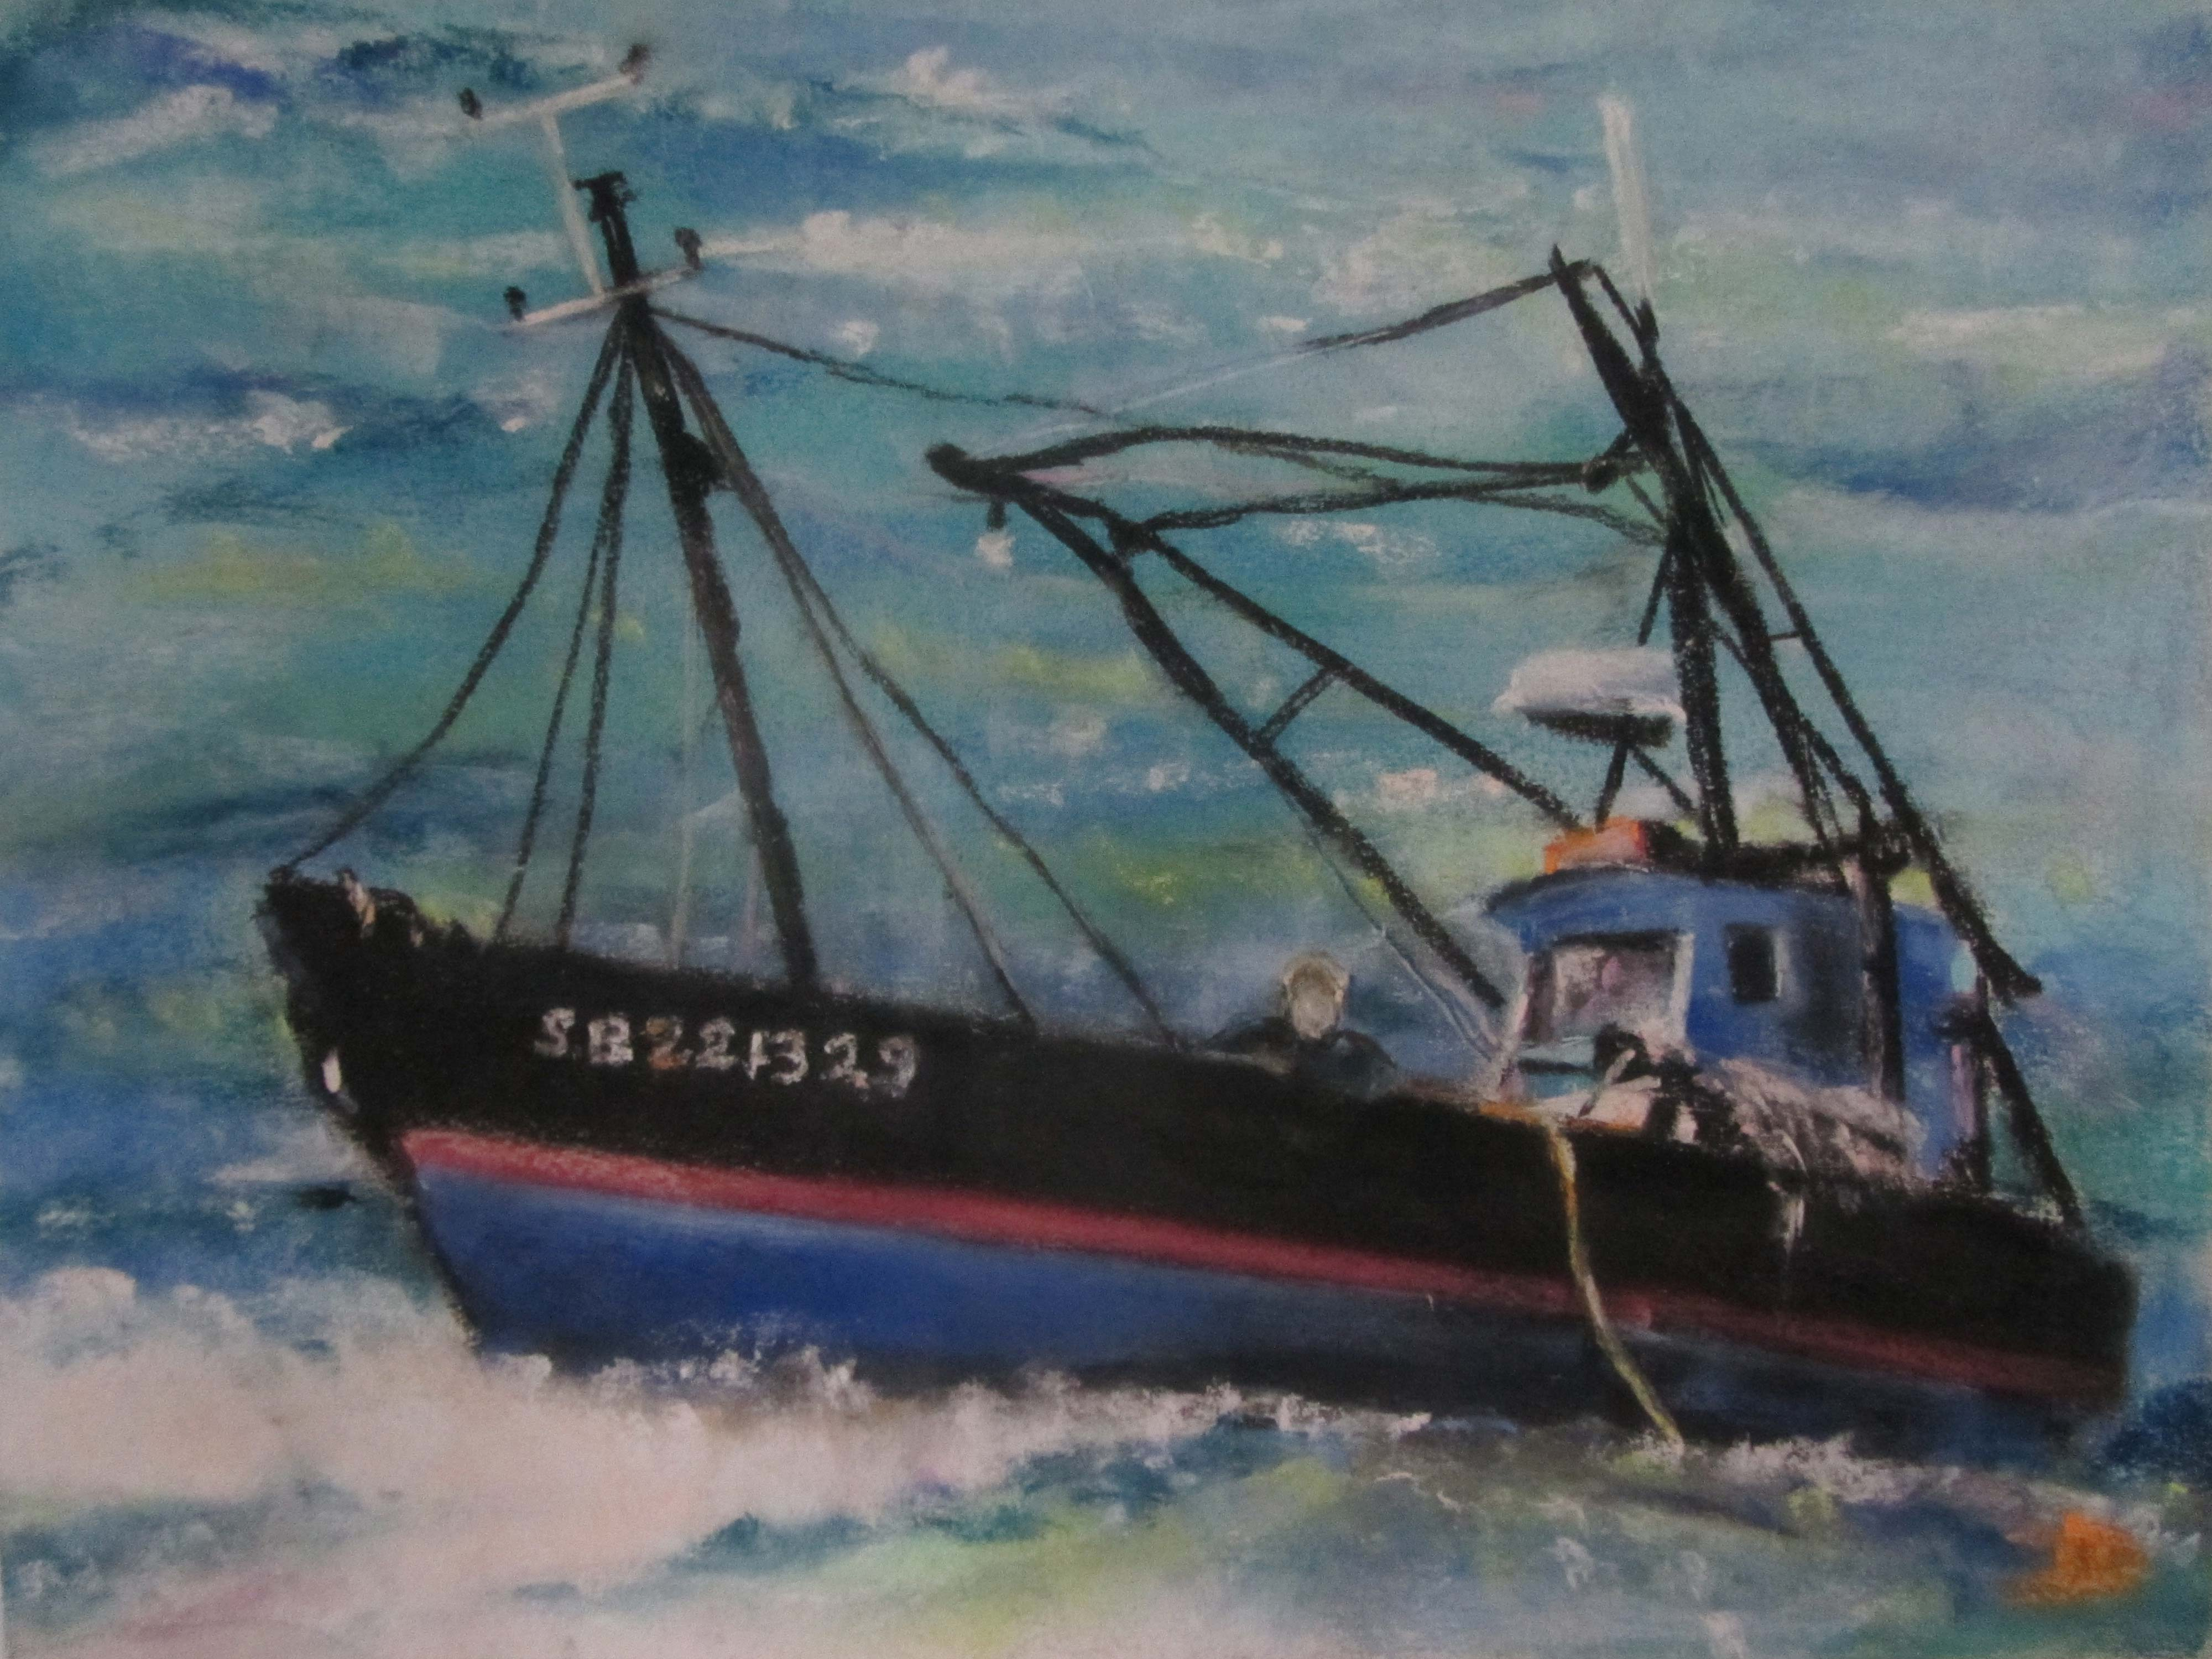 Le Picardie - Bateau de pêche à Saint-Cast - 40x50cm - 1992 - Pastel sec par Isabelle Douzamy